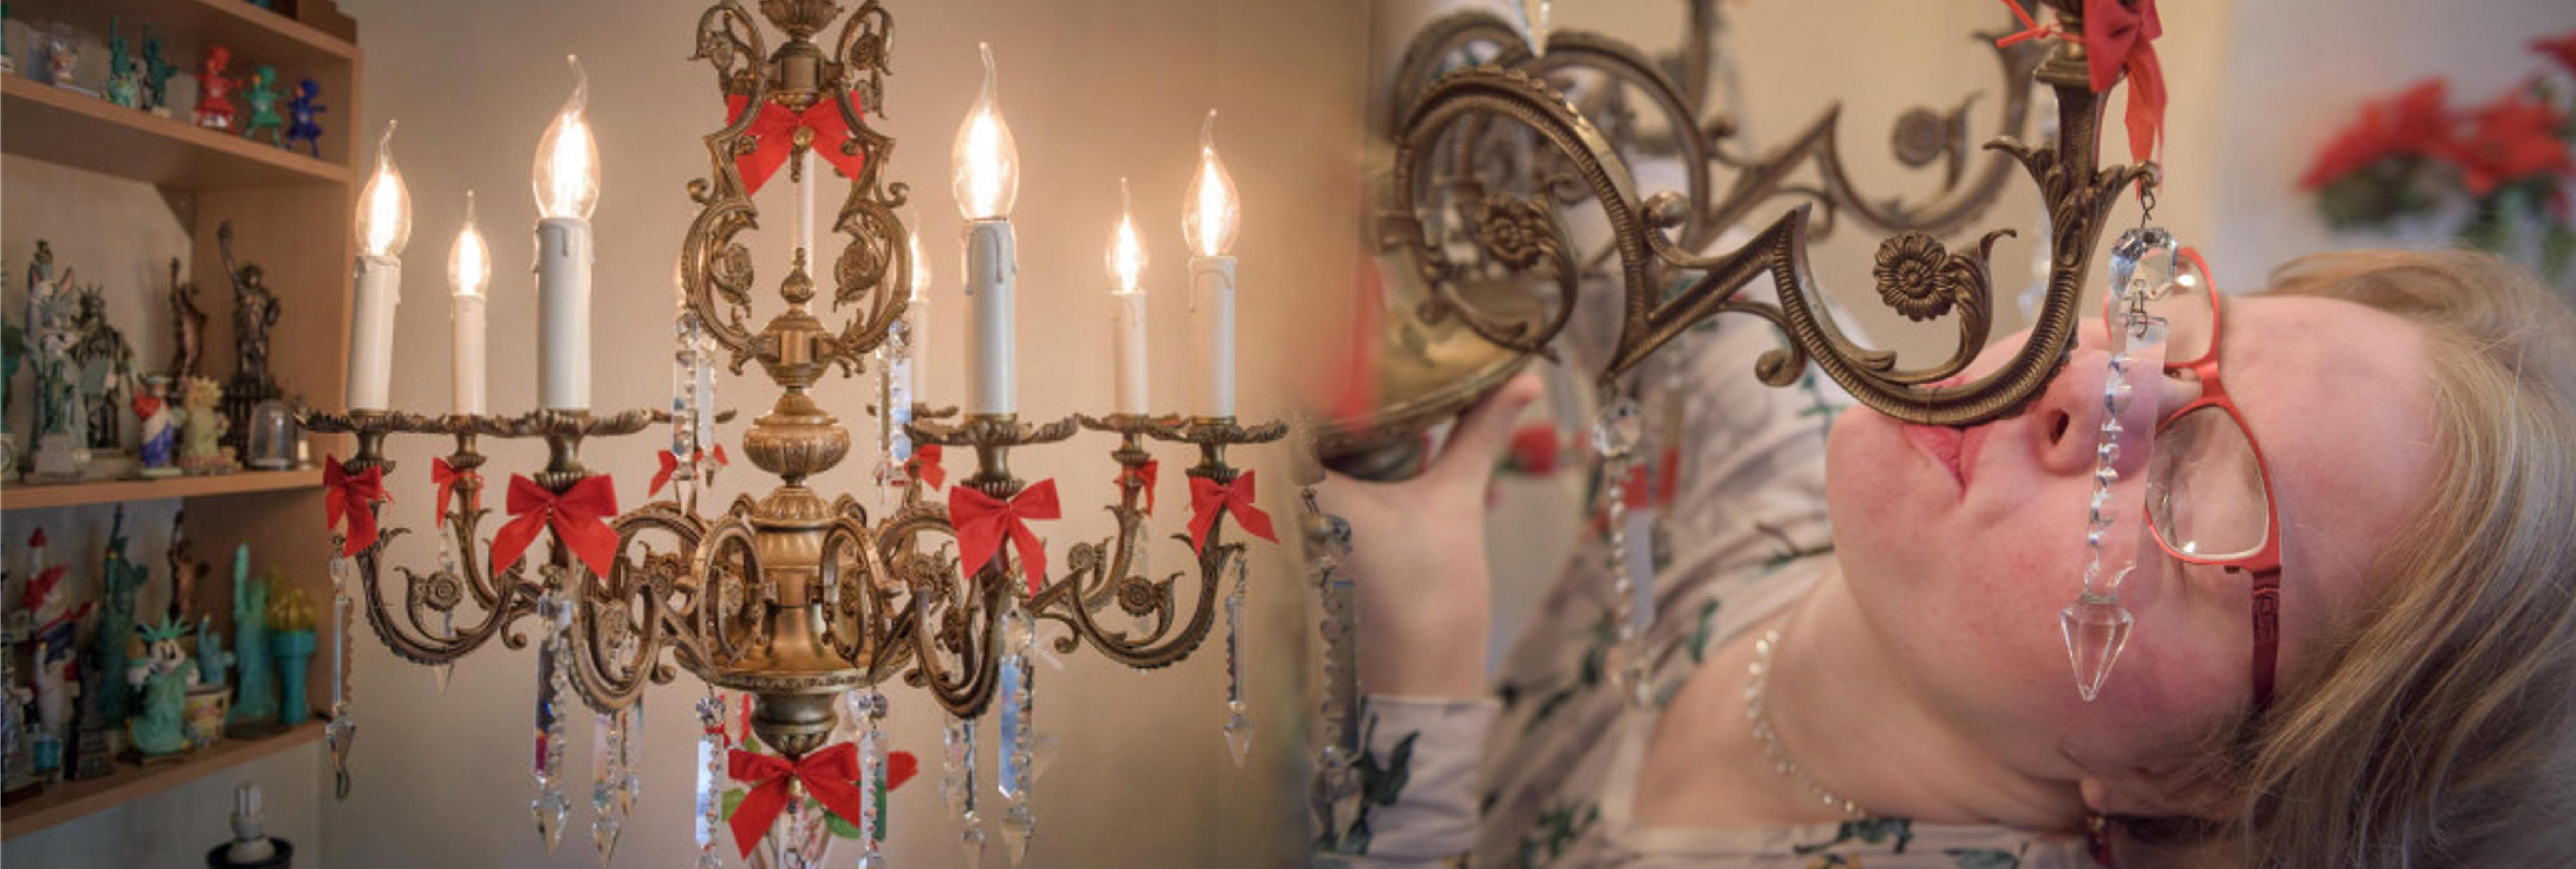 """Una mujer británica de 33 años se va a casar con un candelabro: """"Me encanta darle besos"""""""